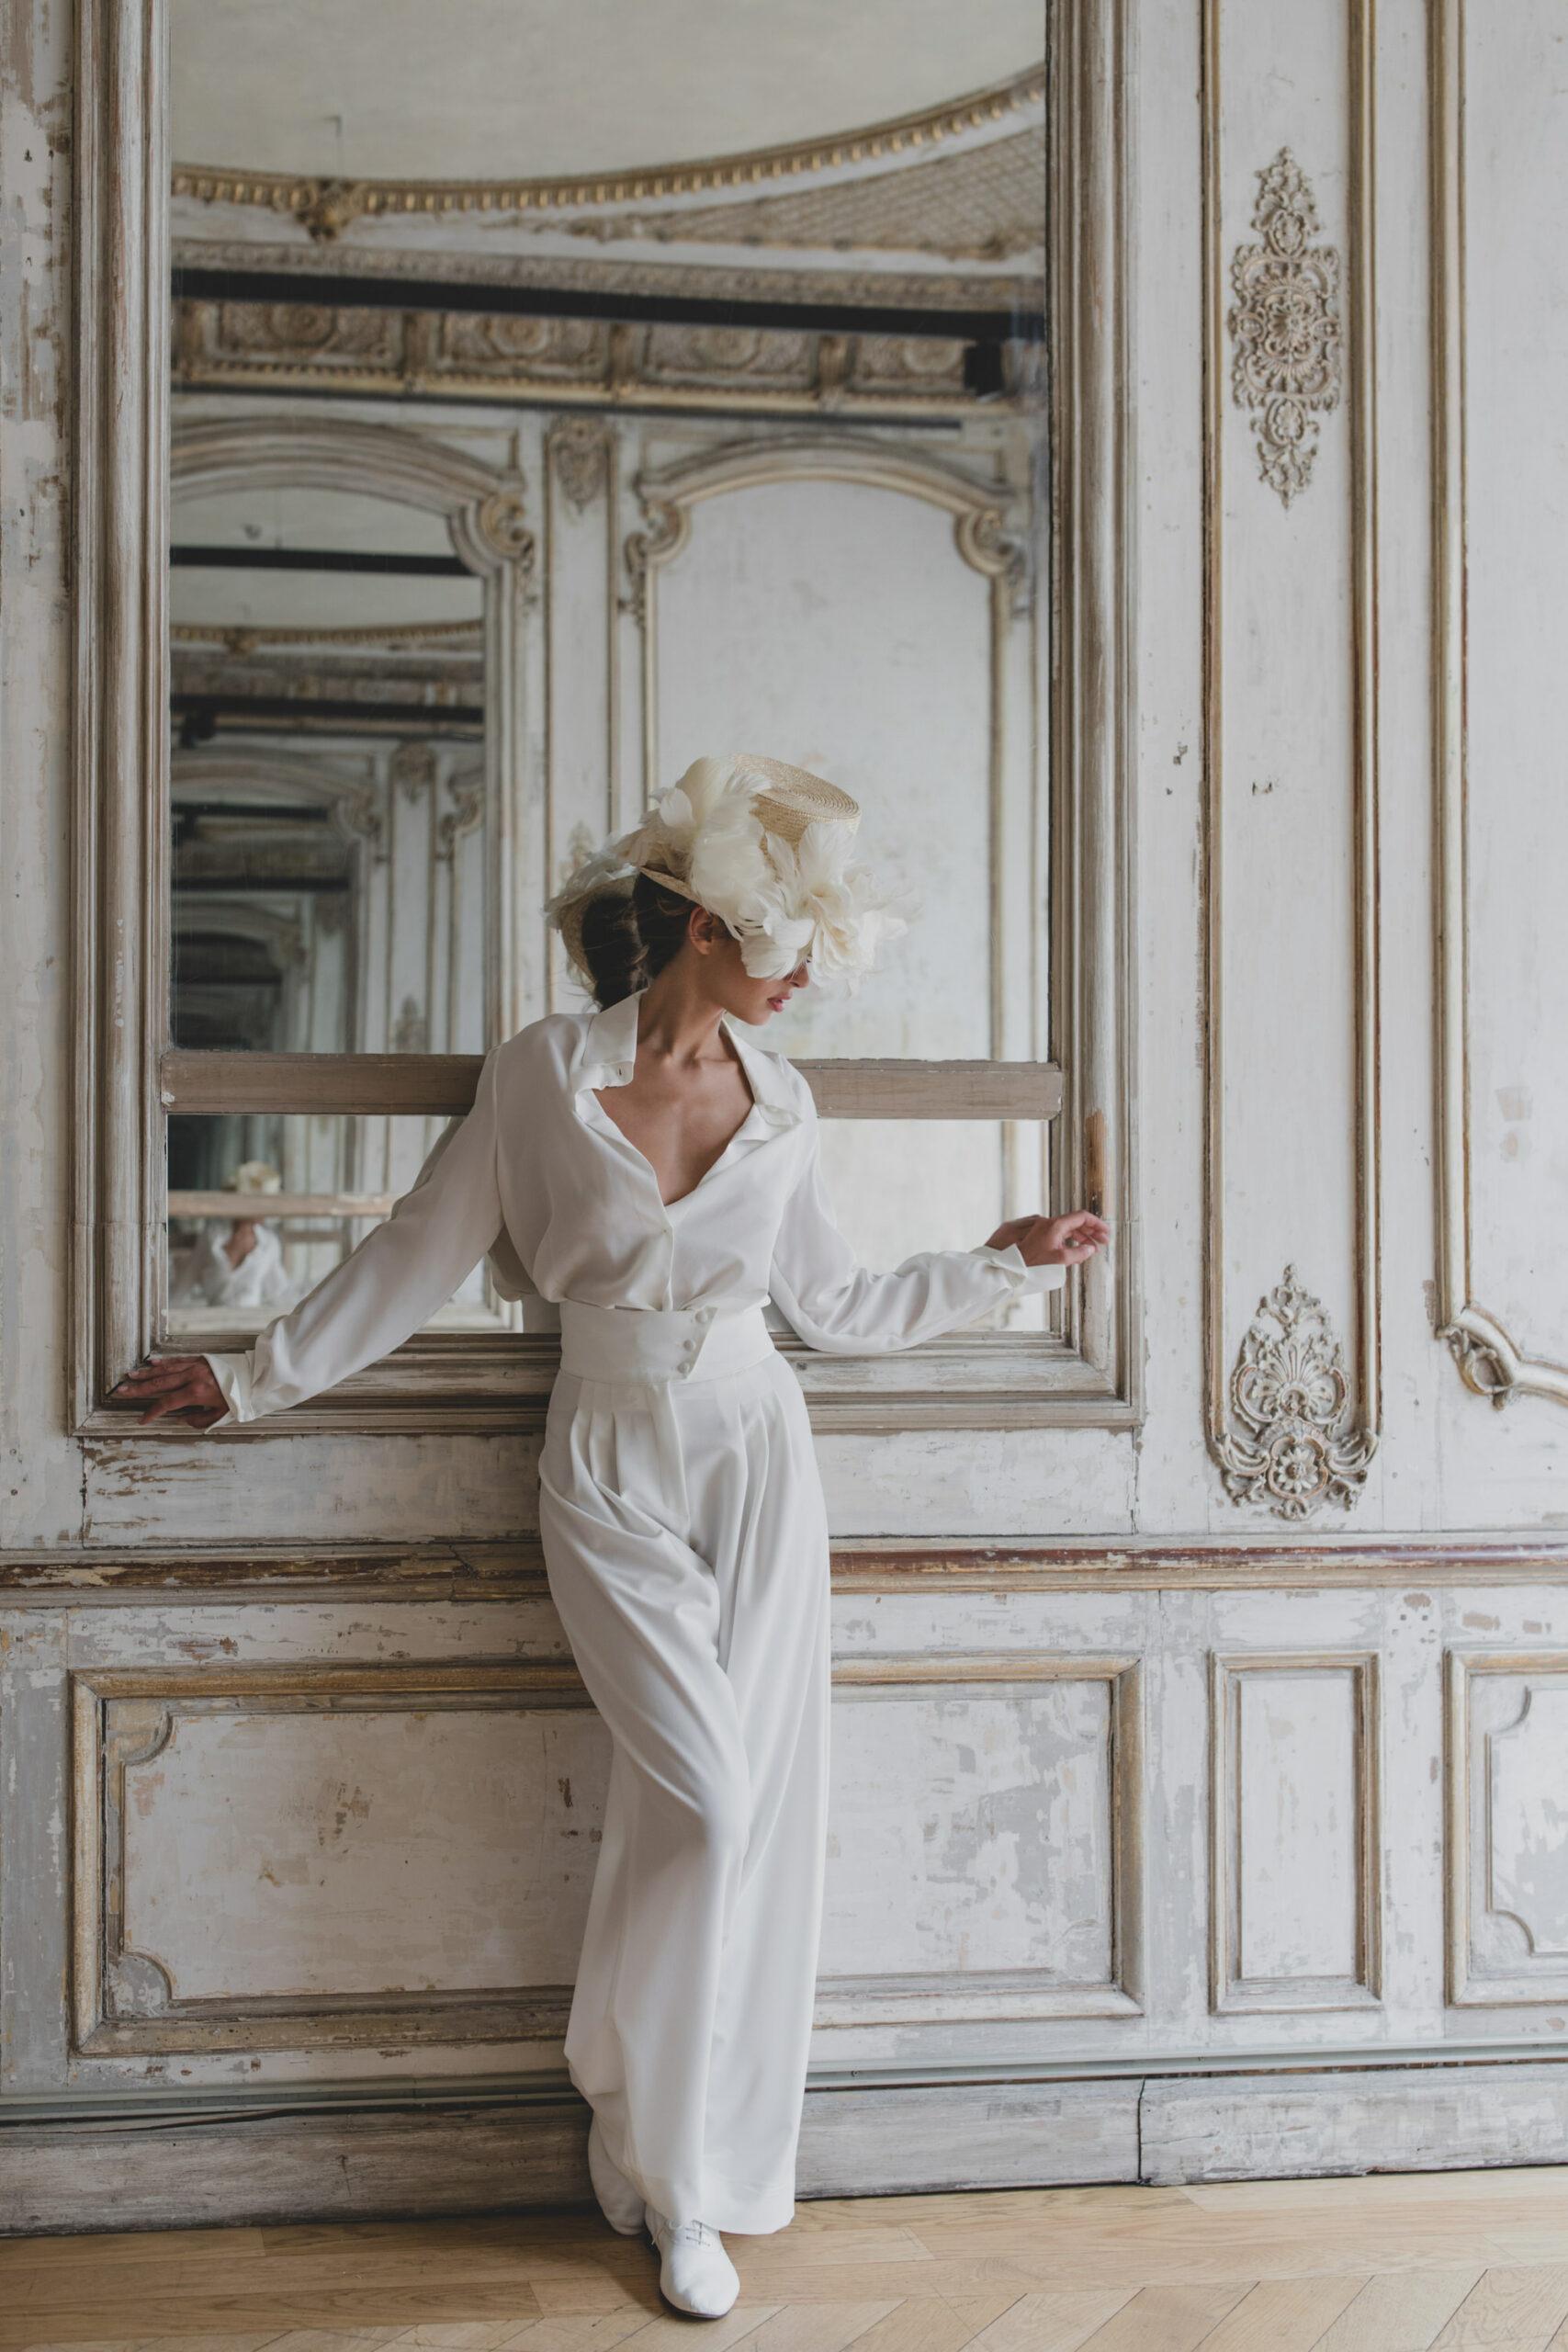 PRINCE DES BOIS - Victoire Vermeulen